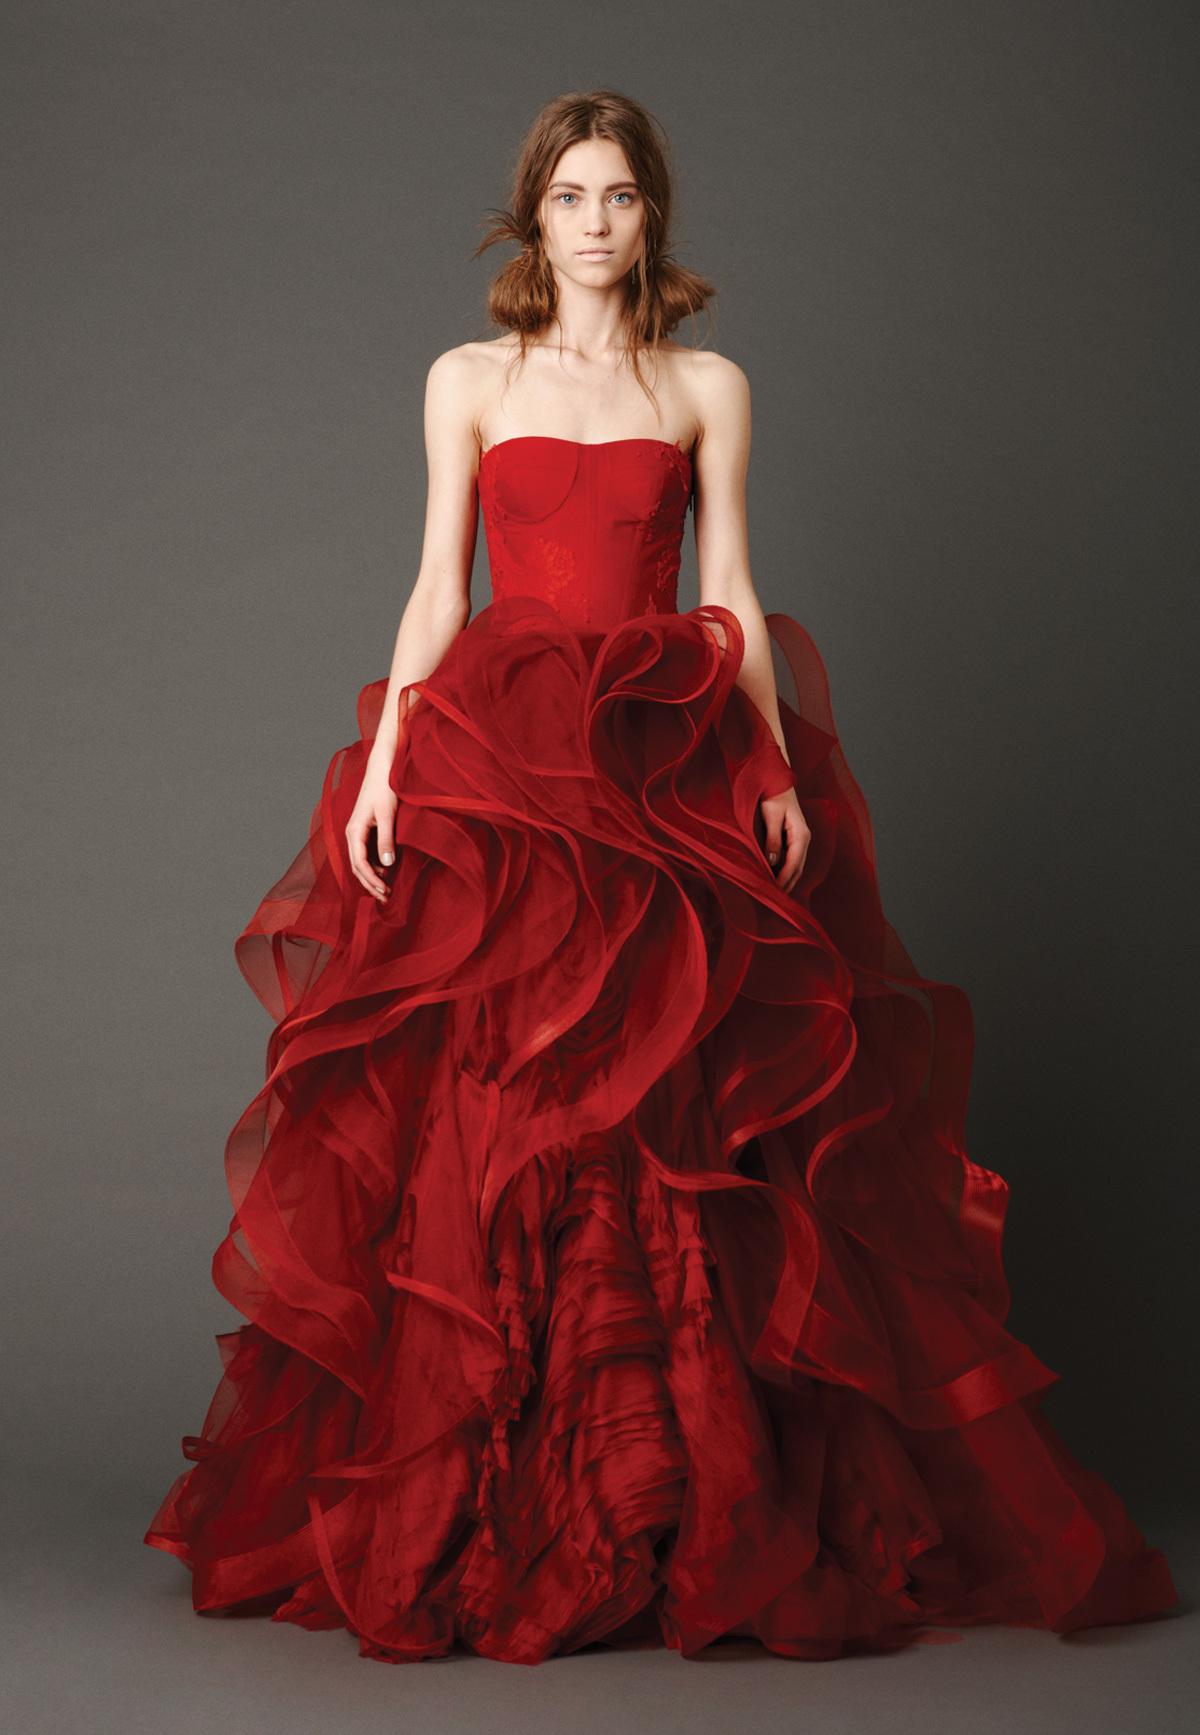 Vestidos de novia rojos de Vera Wang - Mujeres - Blog de belleza y ...